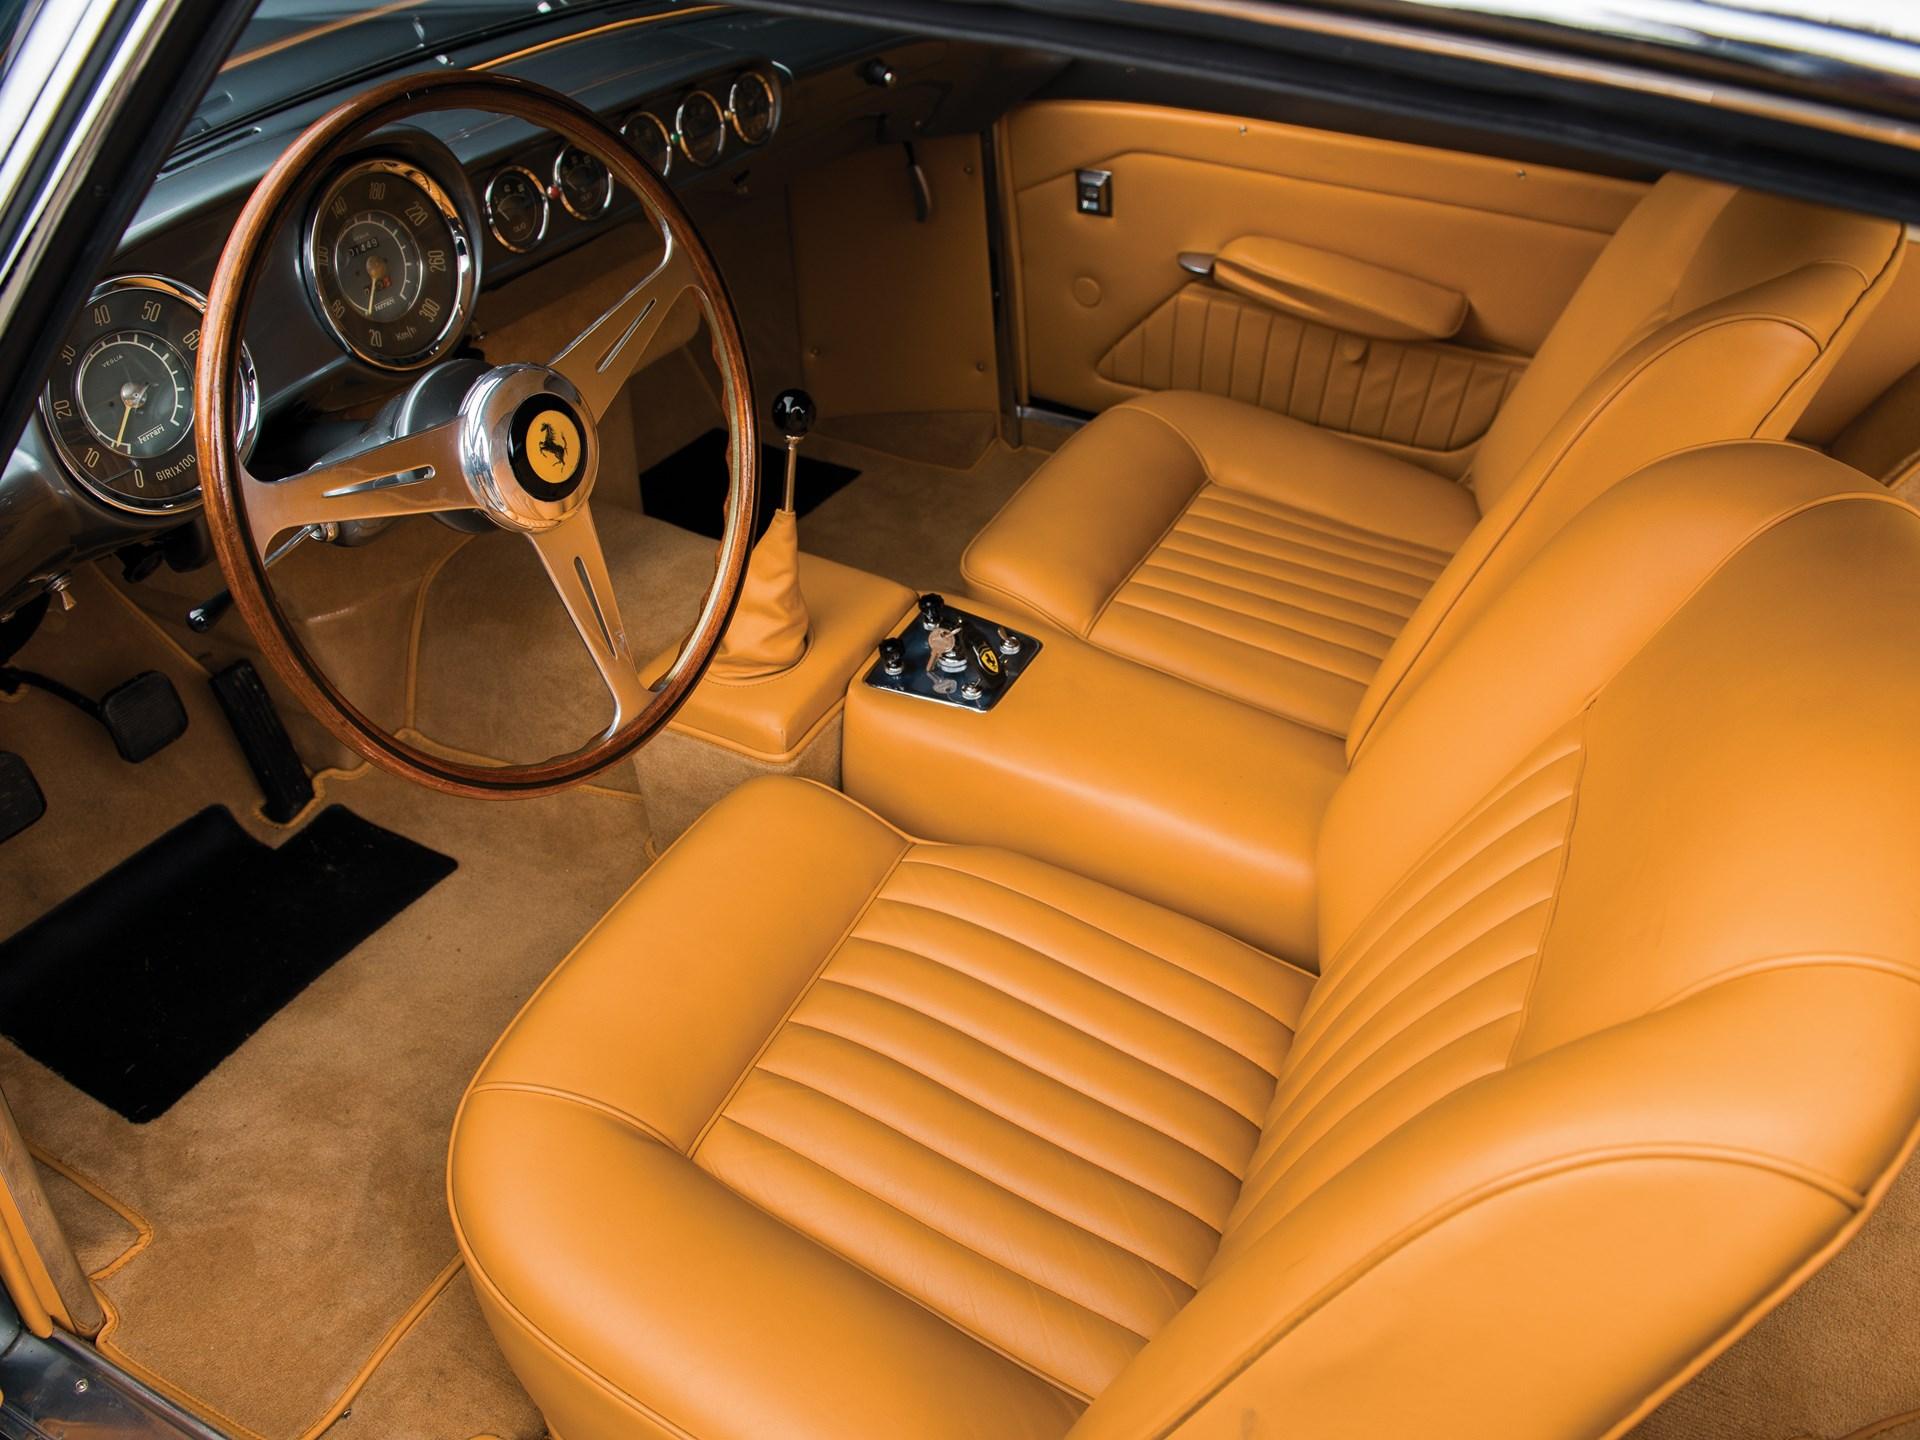 1957 Ferrari 250 GT Coupe Speciale by Pinin Farina